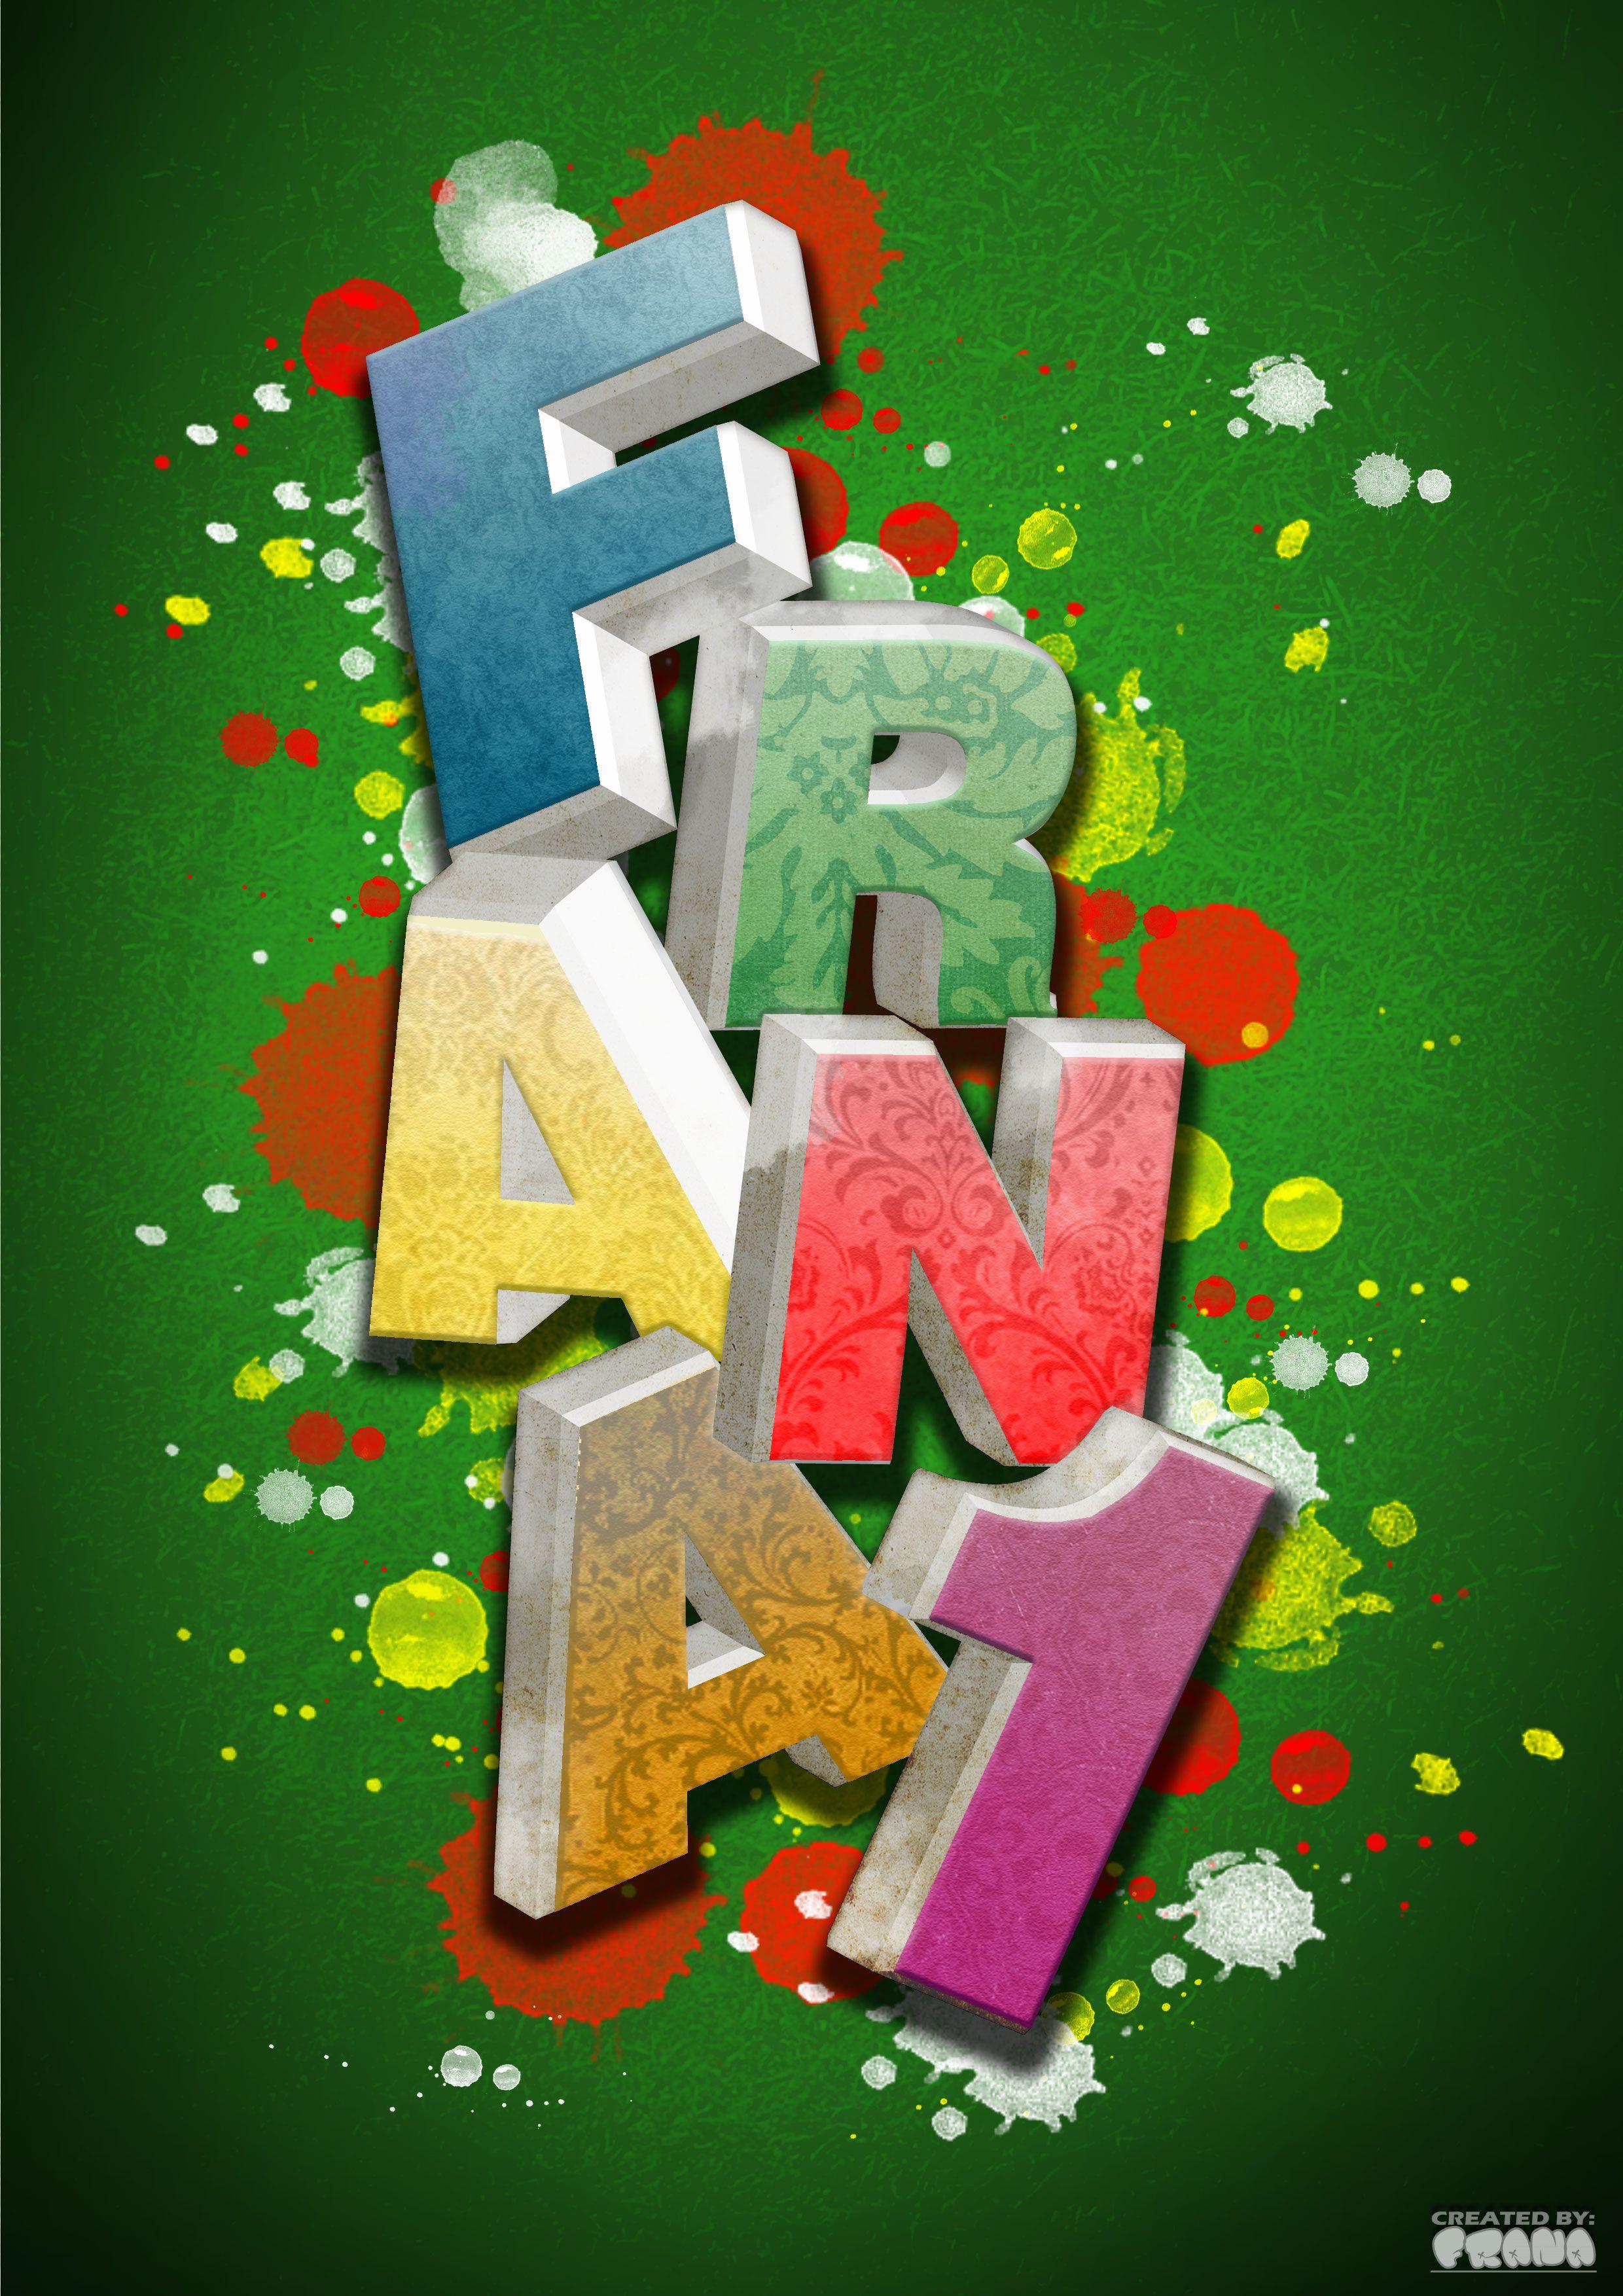 FRANA1